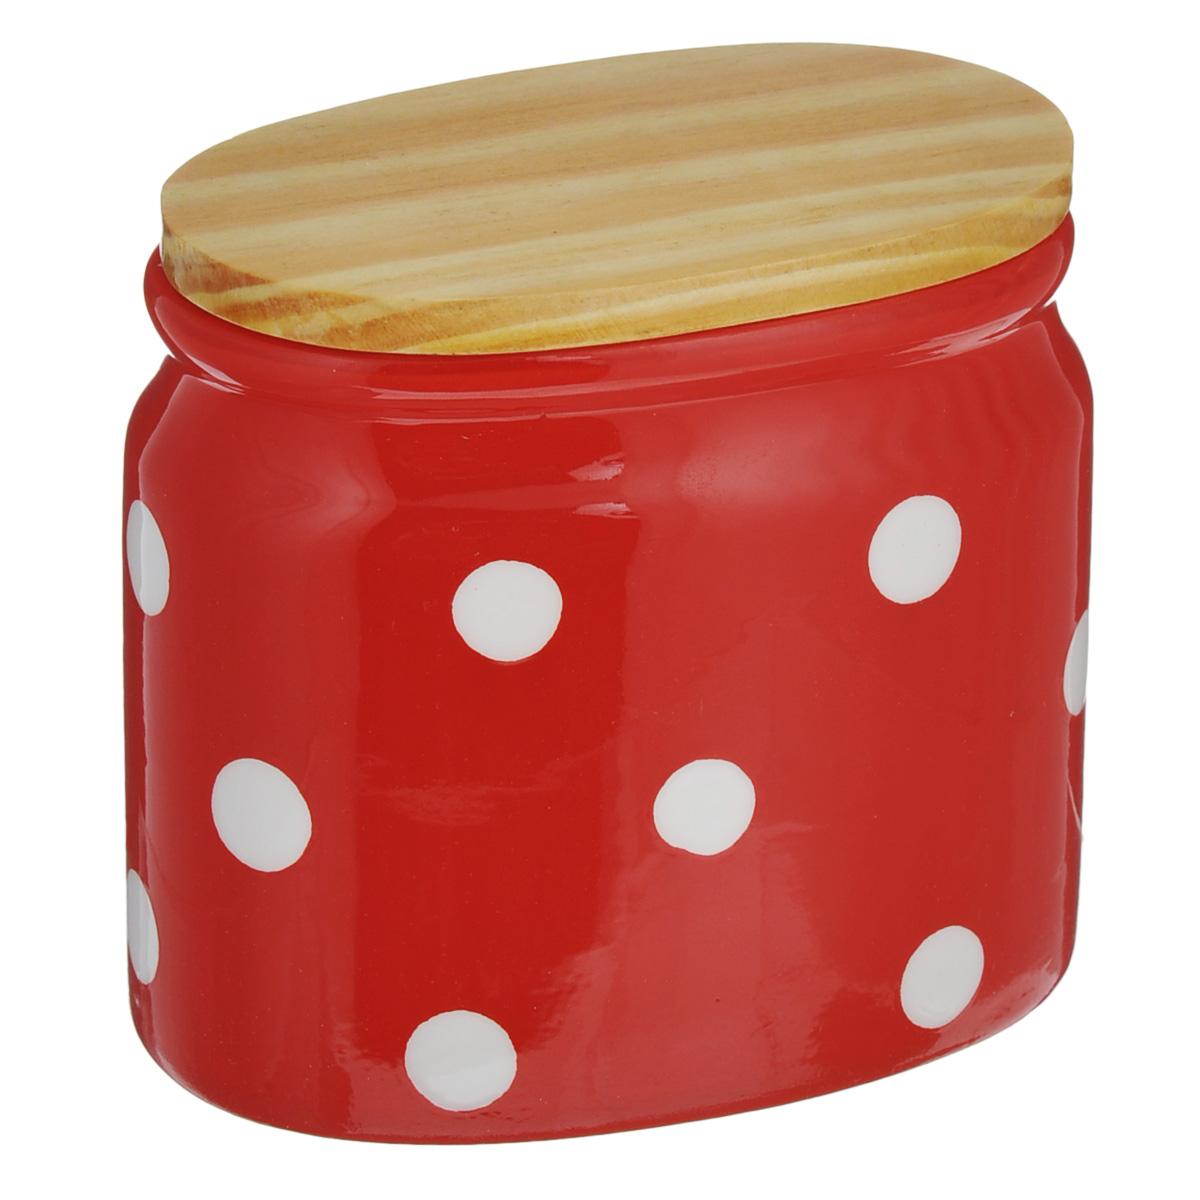 Банка для сыпучих продуктов Lillo, цвет: красный, 430 млVT-1520(SR)Банка для сыпучих продуктов Lillo изготовлена из высококачественной керамики. Банка декорирована принтом в горох и оснащена деревянной крышкой. Изделие предназначено для хранения различных сыпучих продуктов: круп, чая, сахара, орехов и многого другого. Функциональная и вместительная, такая банка станет незаменимым аксессуаром на любой кухне. Можно мыть в посудомоечной машине. Деревянную крышку рекомендуется мыть вручную. Объем: 430 мл.Размер банки (по верхнему краю): 11 см х 6,5 см.Высота банки (без учета крышки): 10 см.